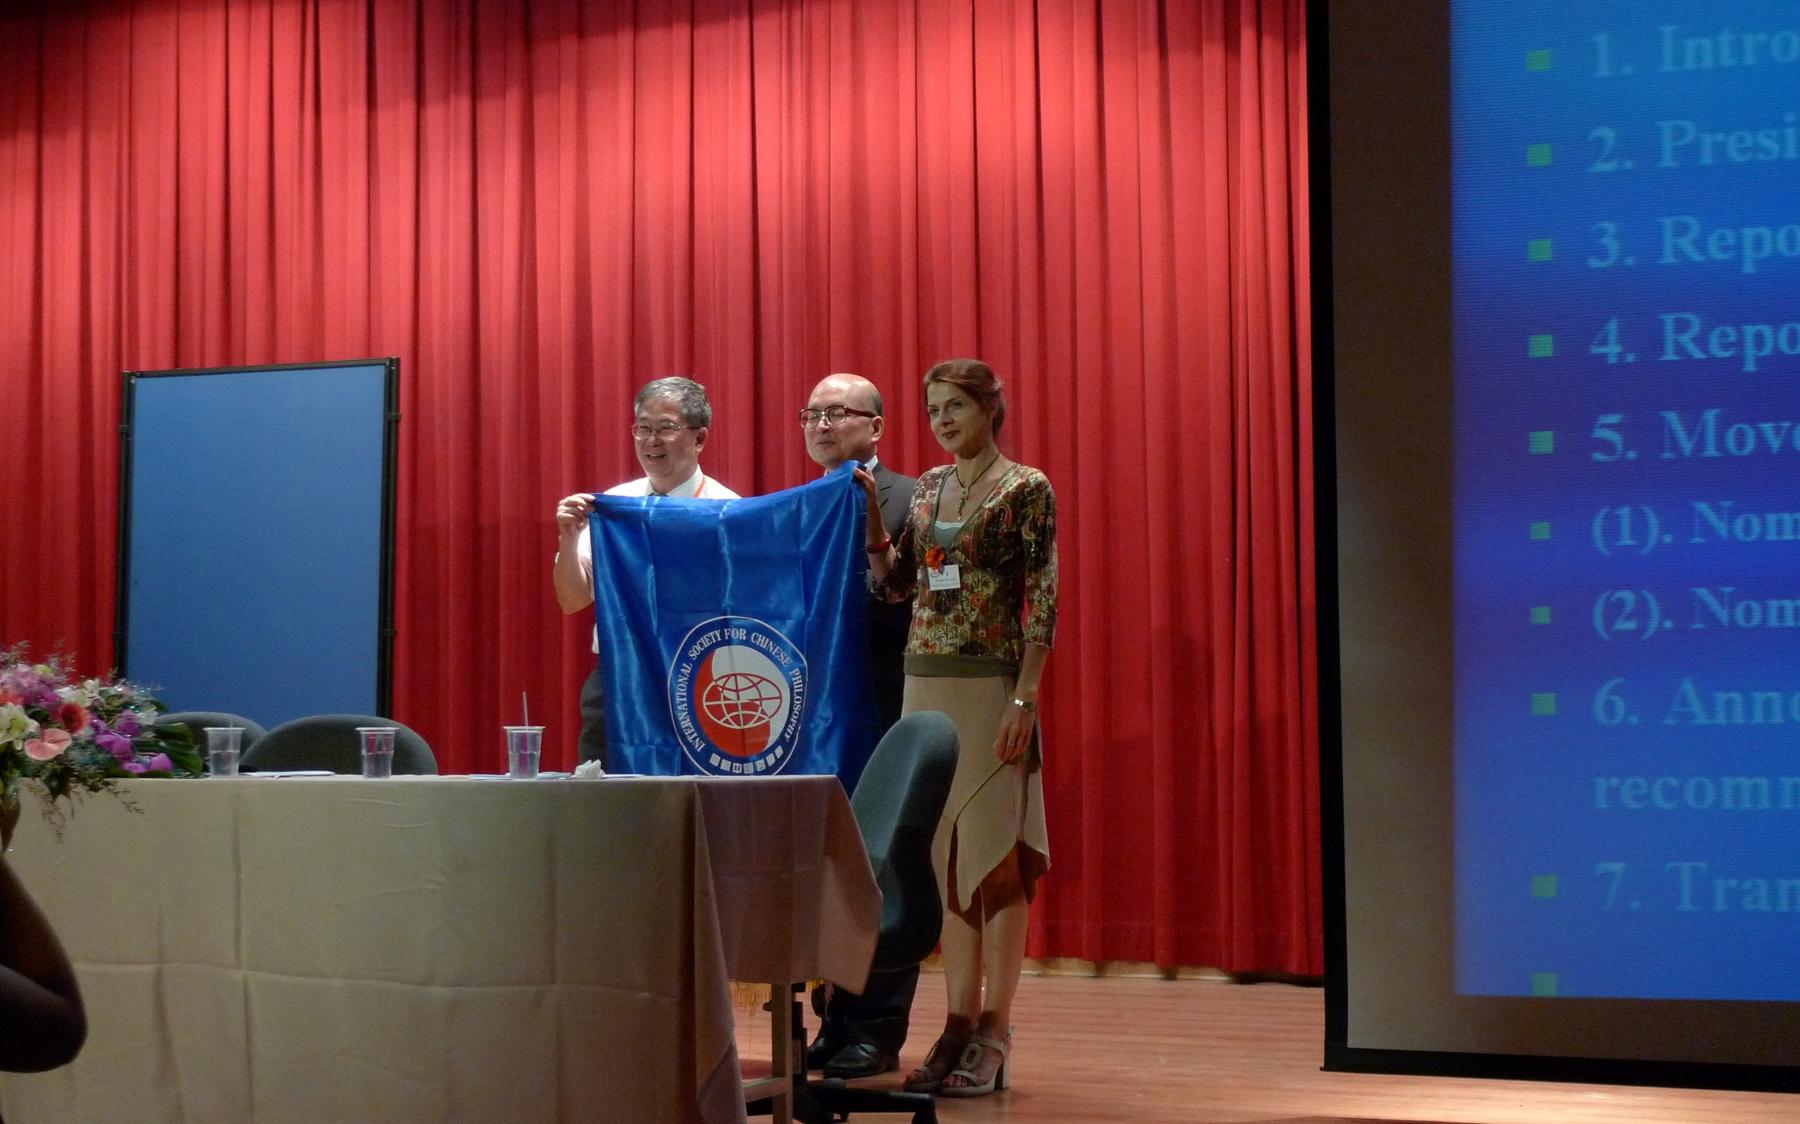 王毅提供16届大会上为两位主席主持会旗交换仪式